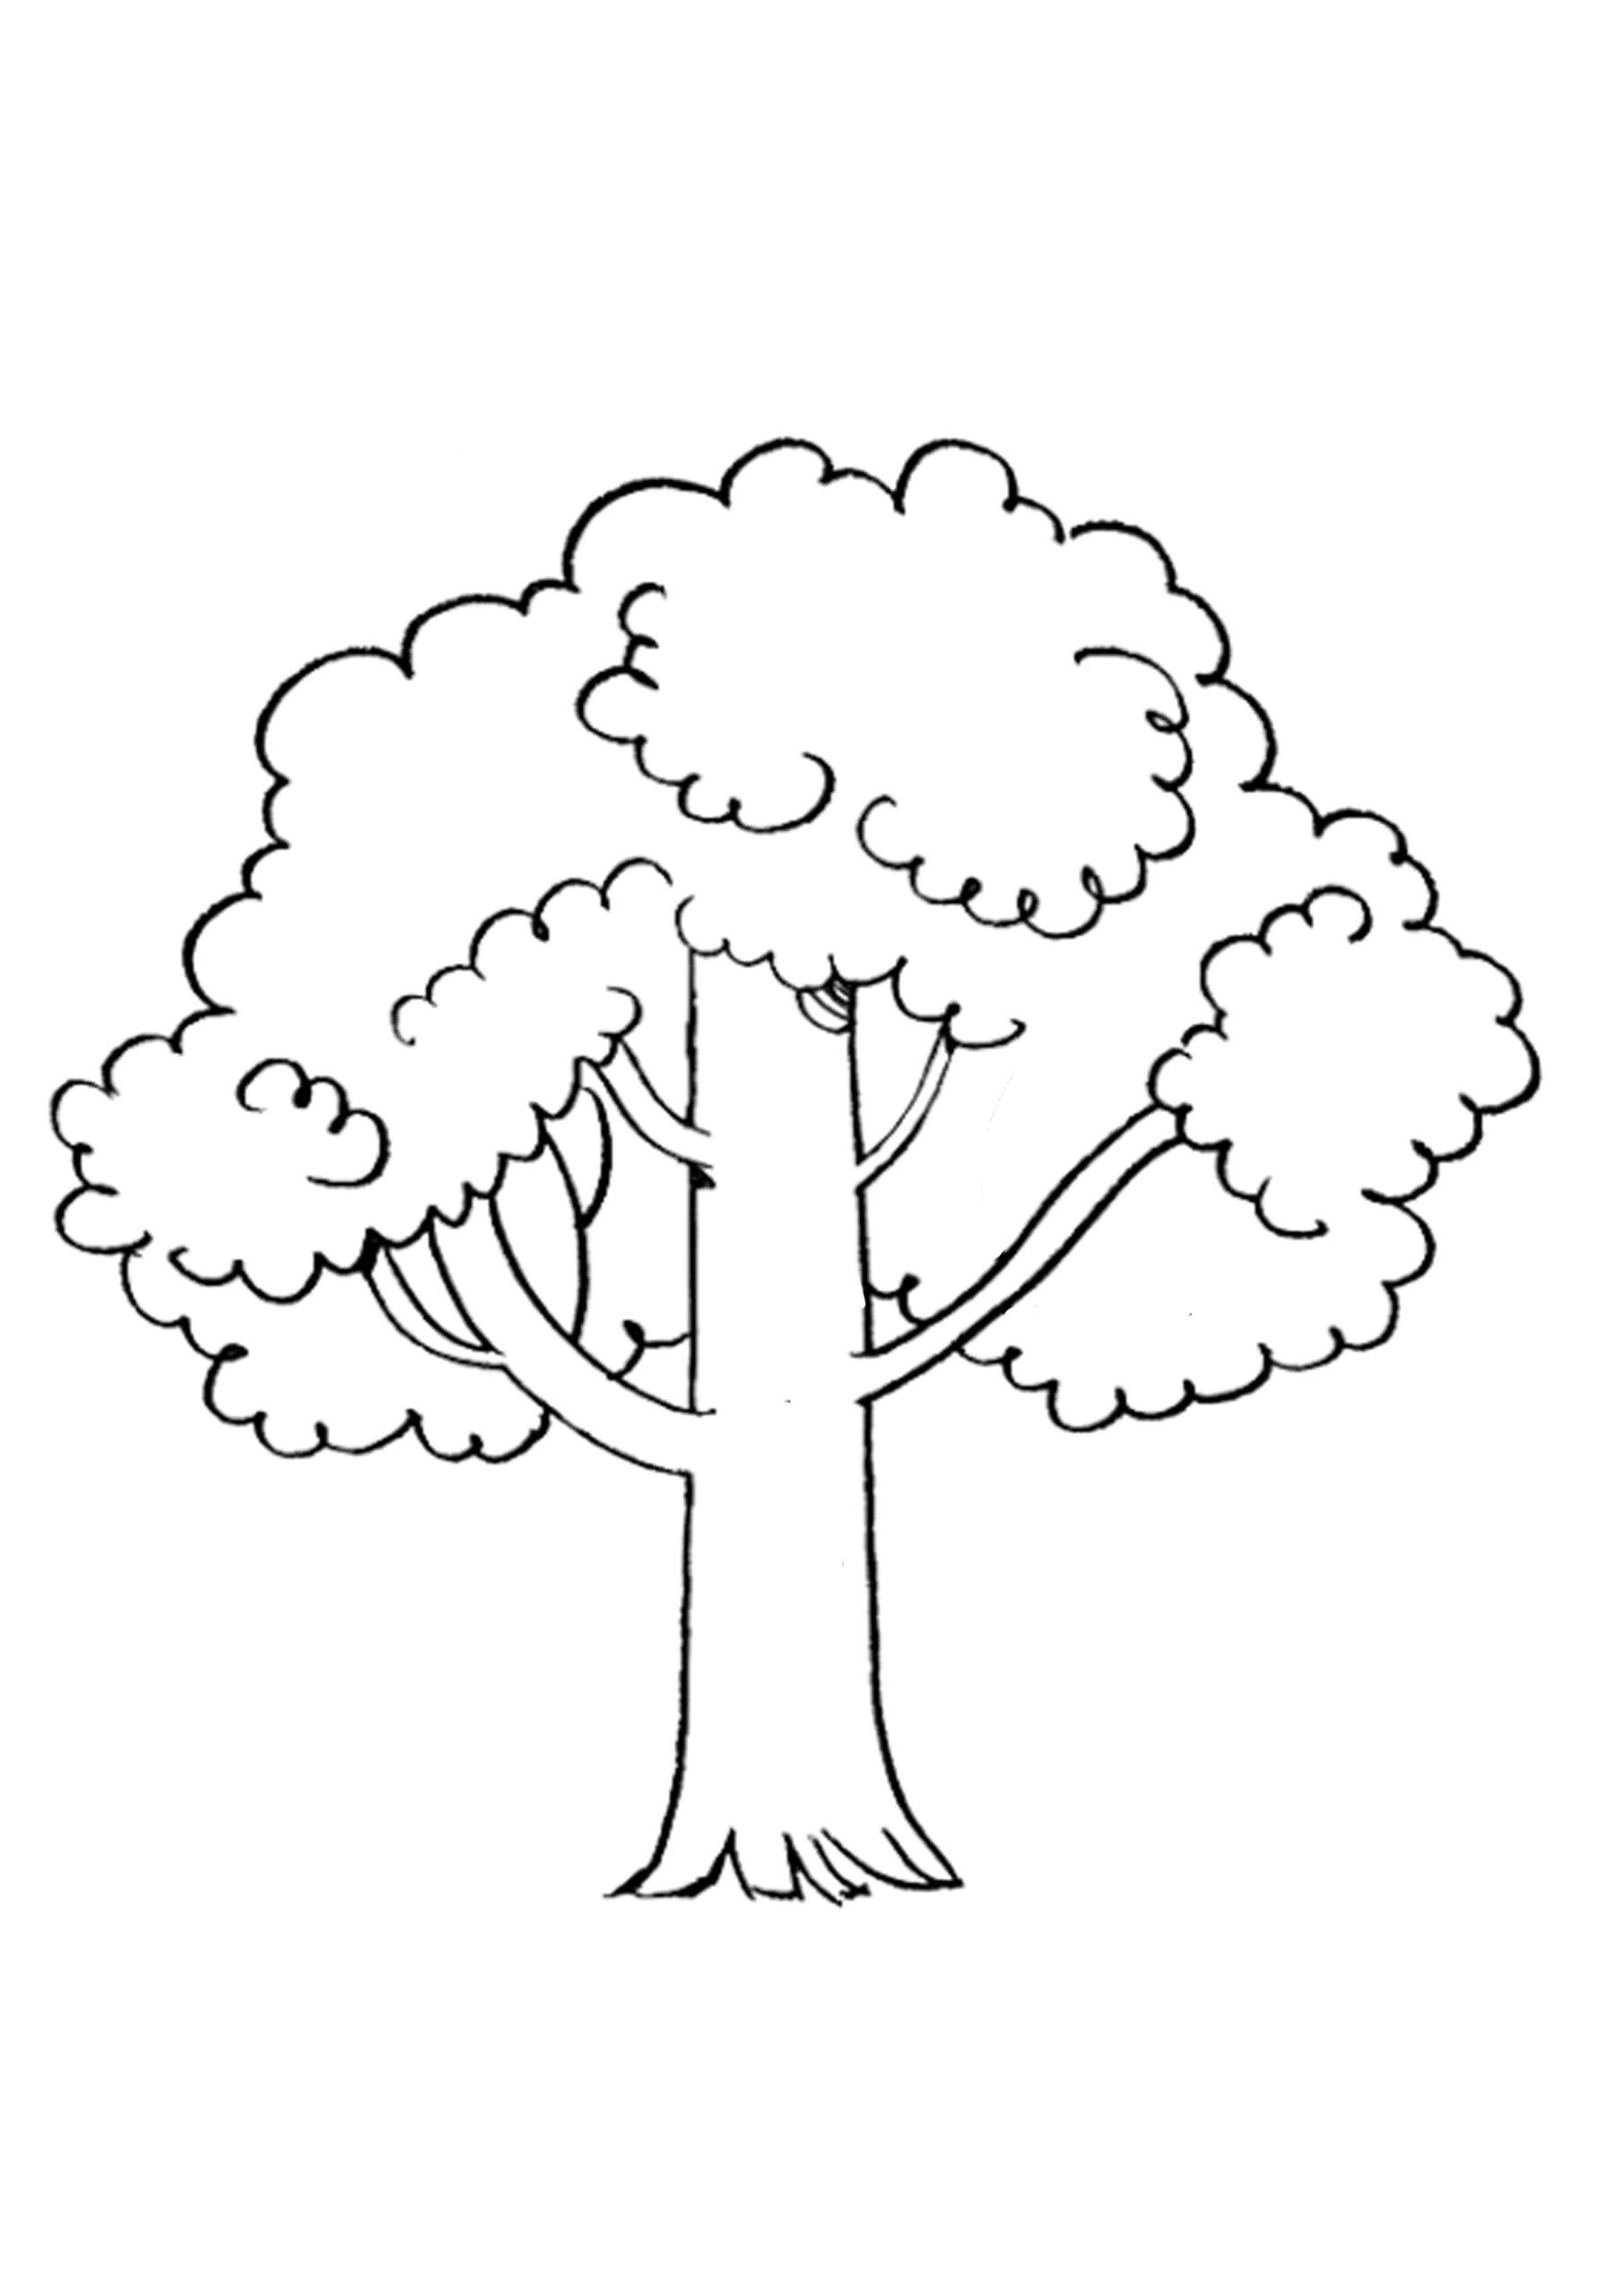 drzewo-szablon-do-druku-1